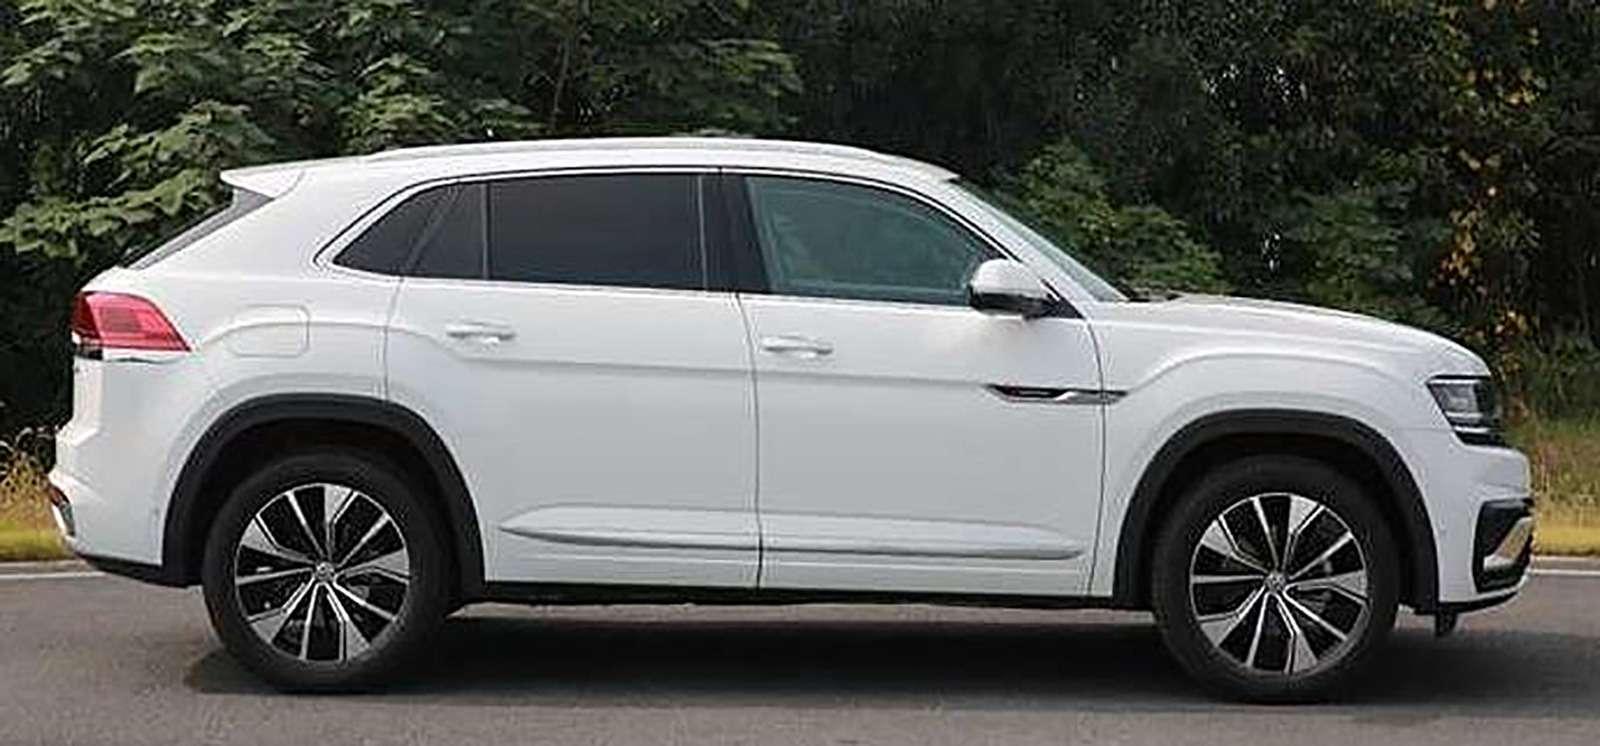 Новый кроссовер Volkswagen: первые фото иинформация— фото 965281